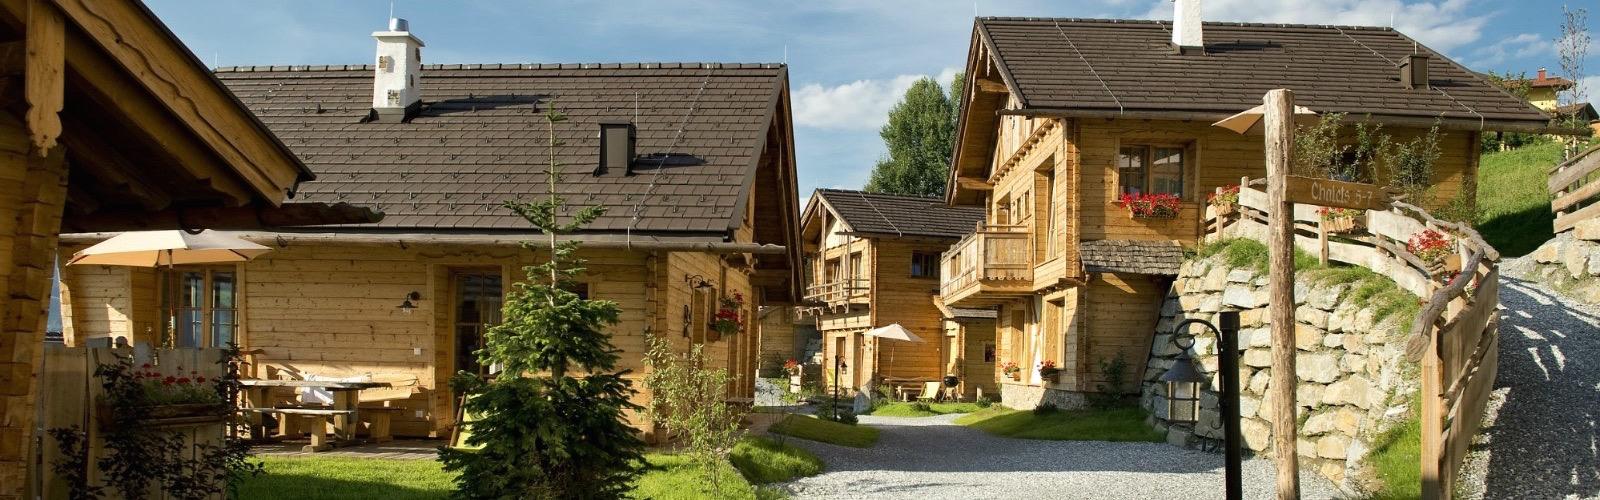 Referenz Mumme & Partner Hotelmarketing | Almdorf Sankt Johann im Pongau / Österreich